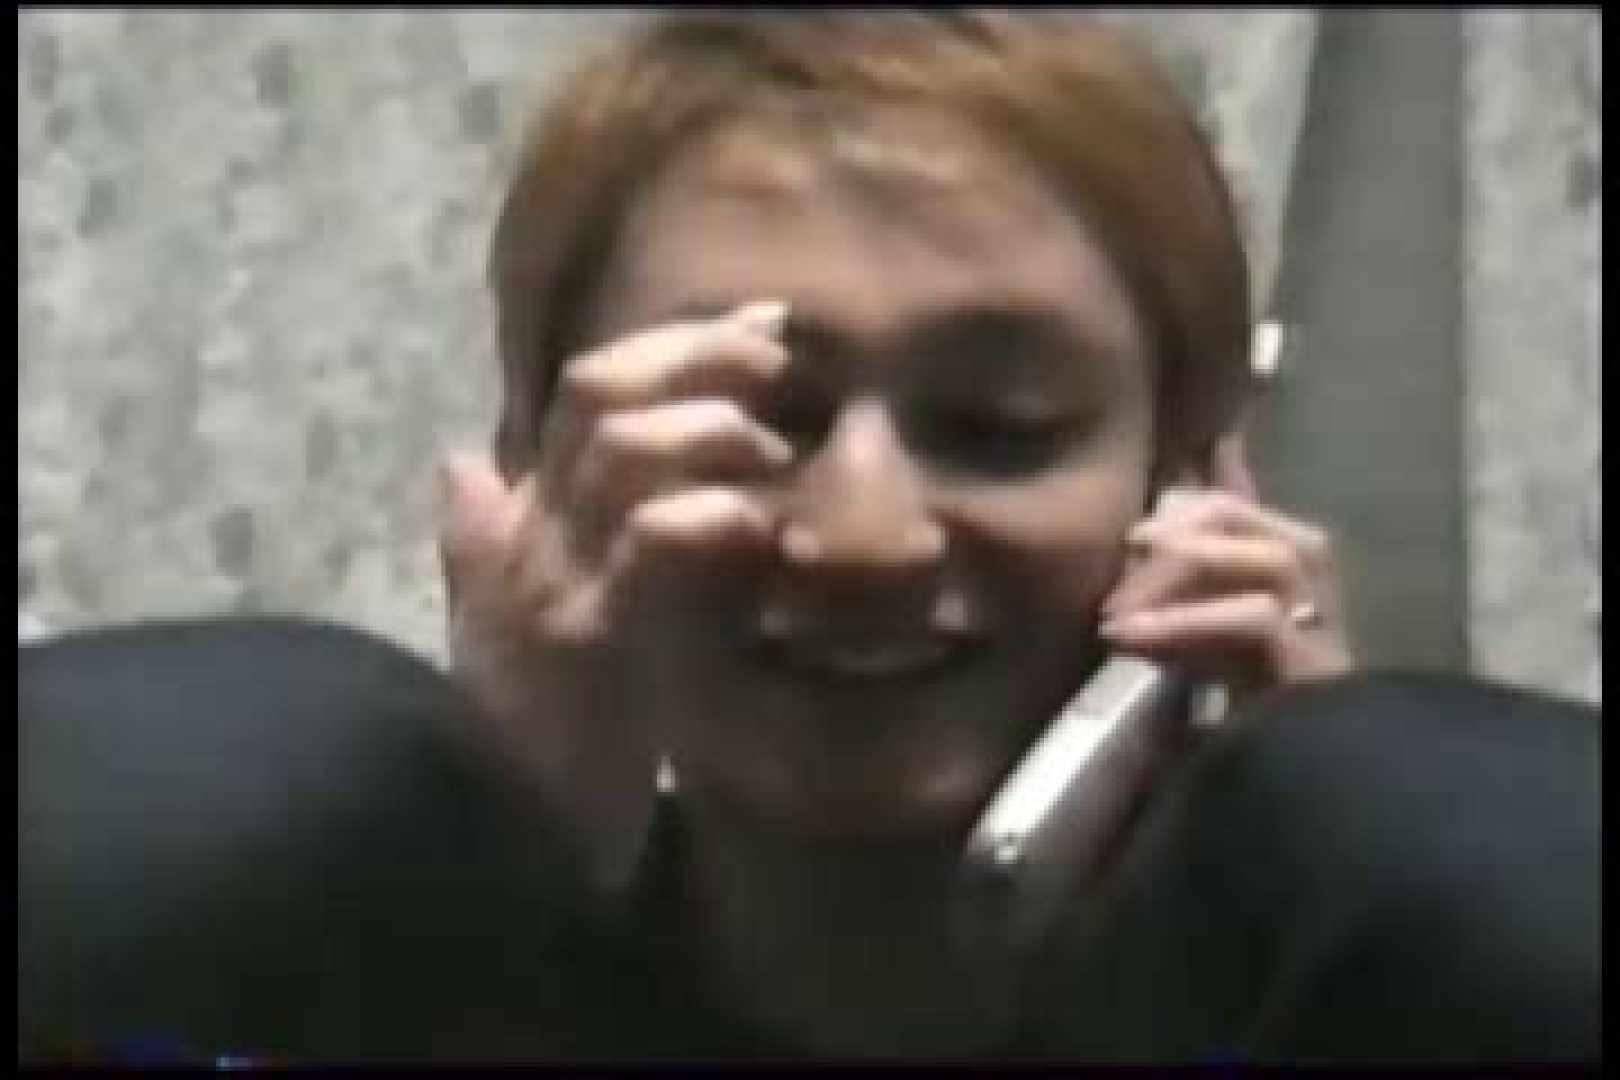 【流出】アイドルを目指したジャニ系イケメンの過去 イケメン・パラダイス ゲイ丸見え画像 70画像 17